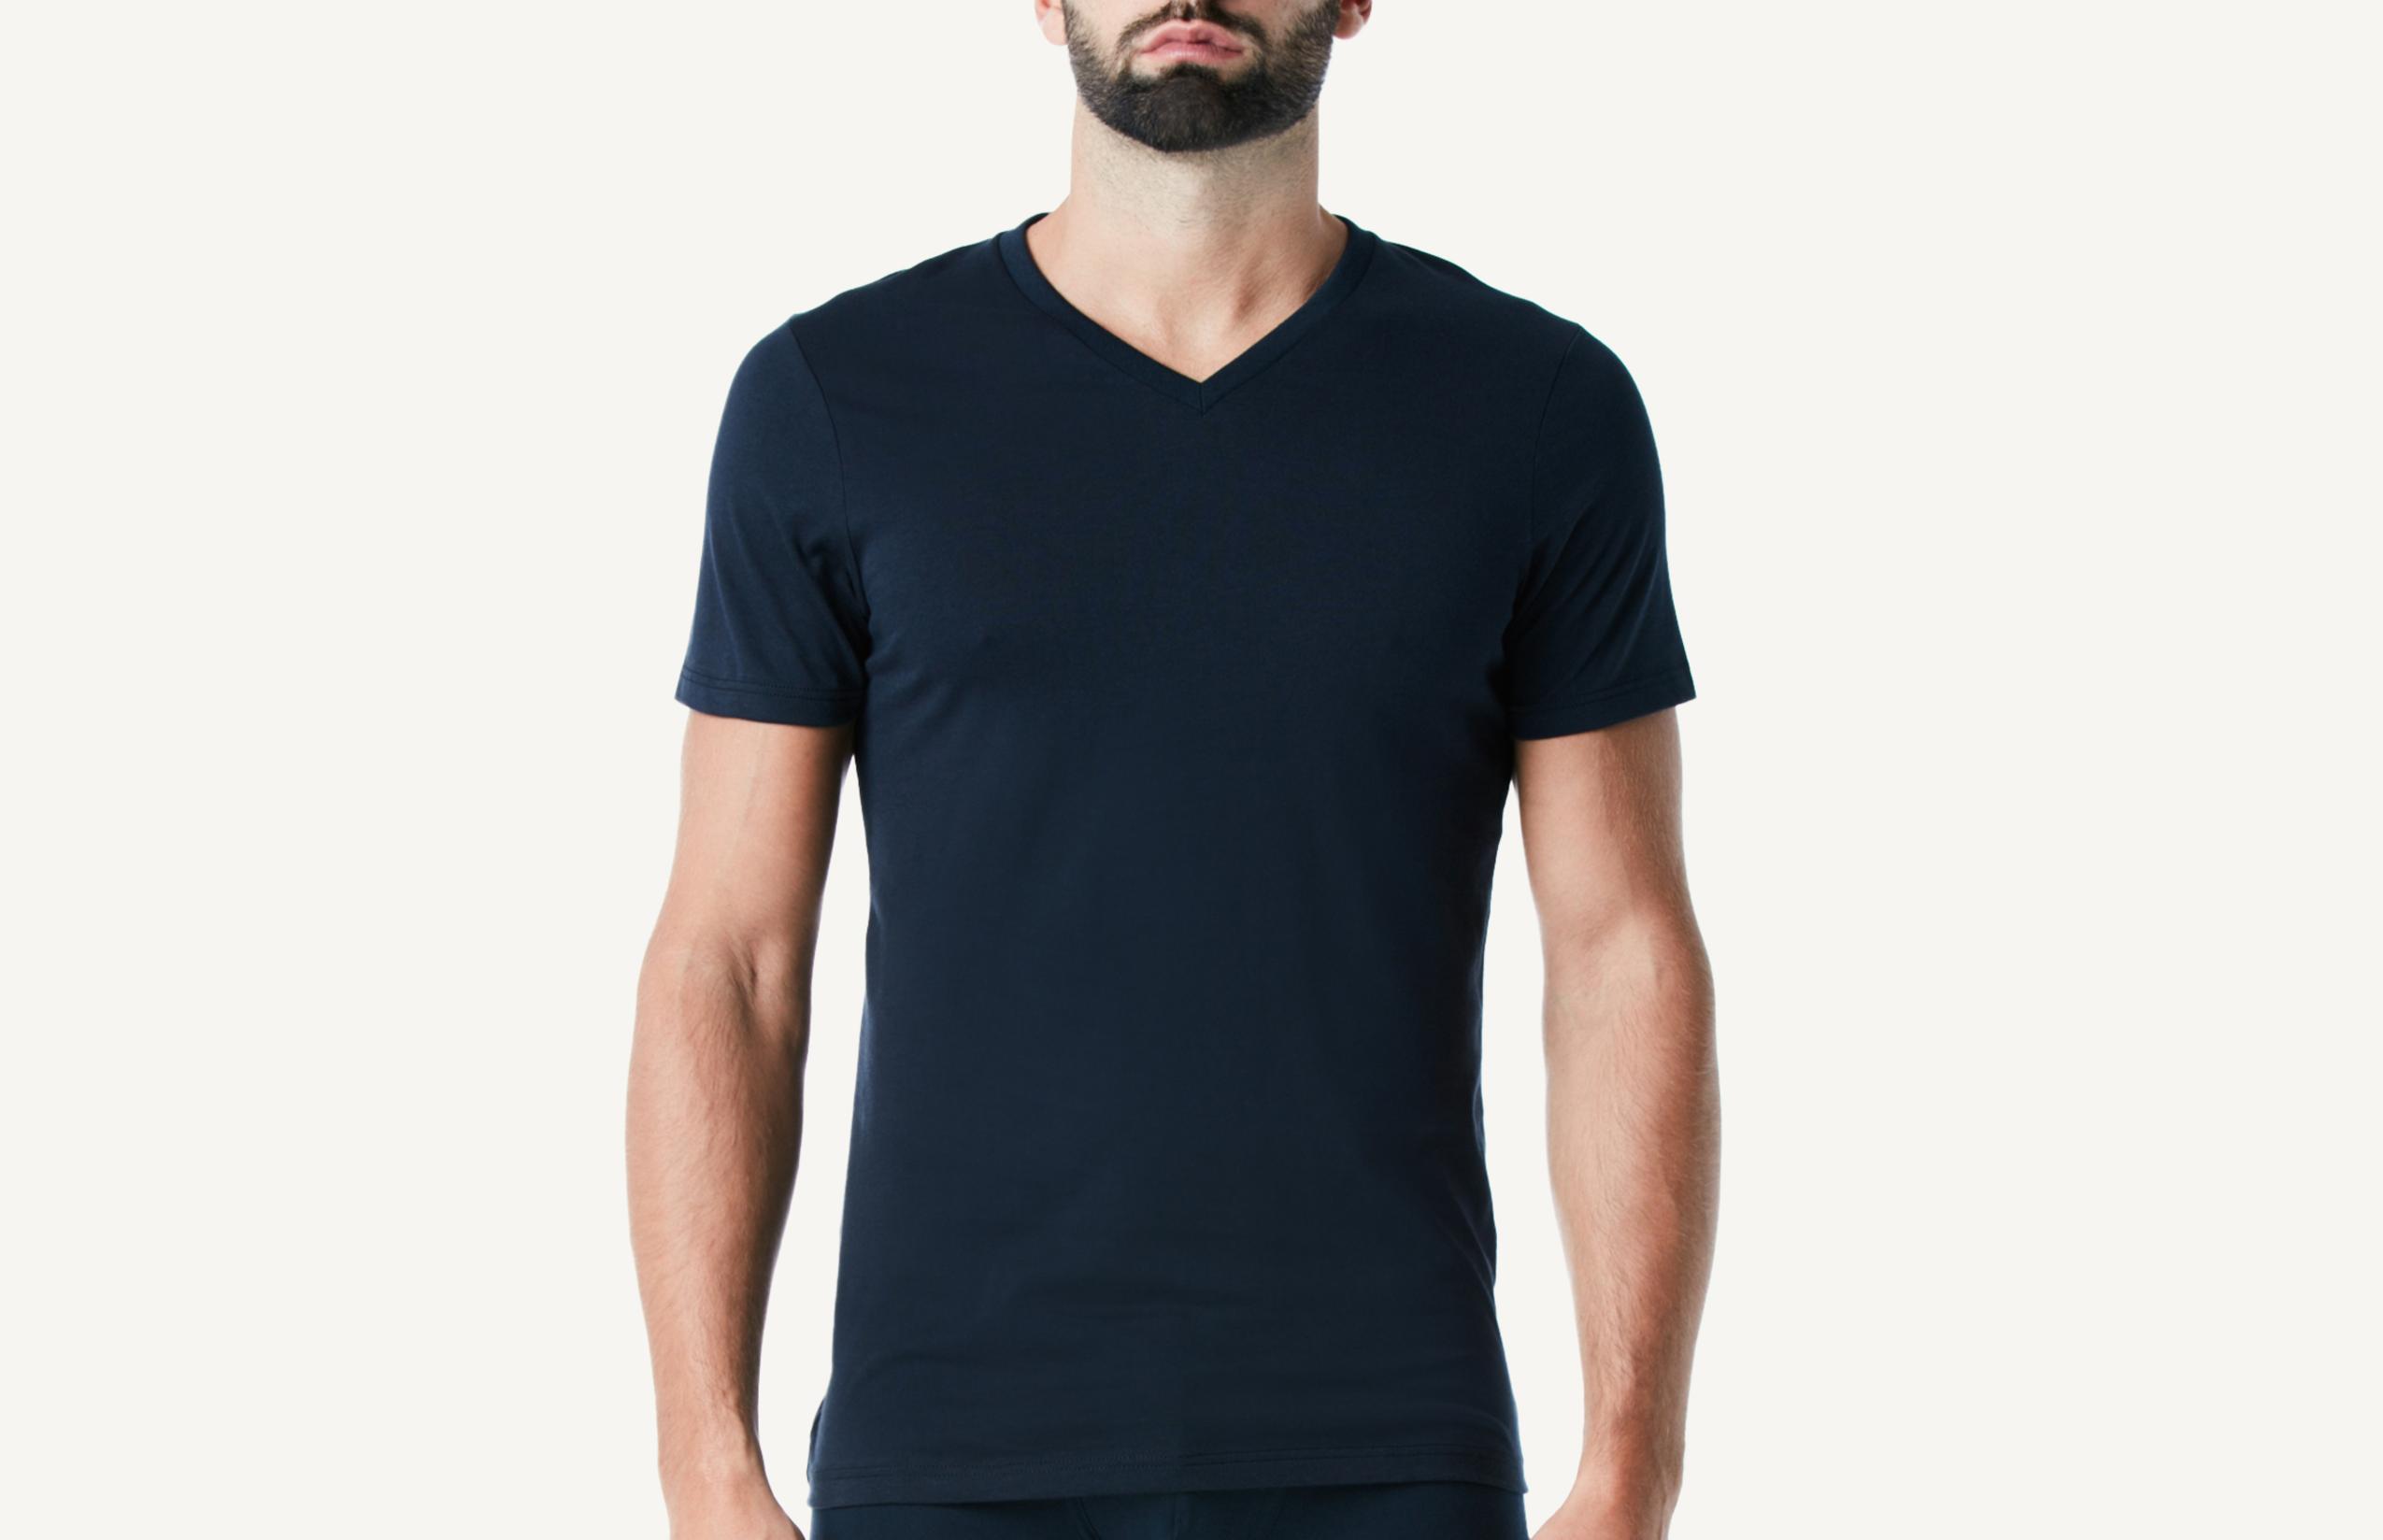 intimissimi - Kurzarm-T-Shirt mit V-Ausschnitt aus Supima®-Baumwolle